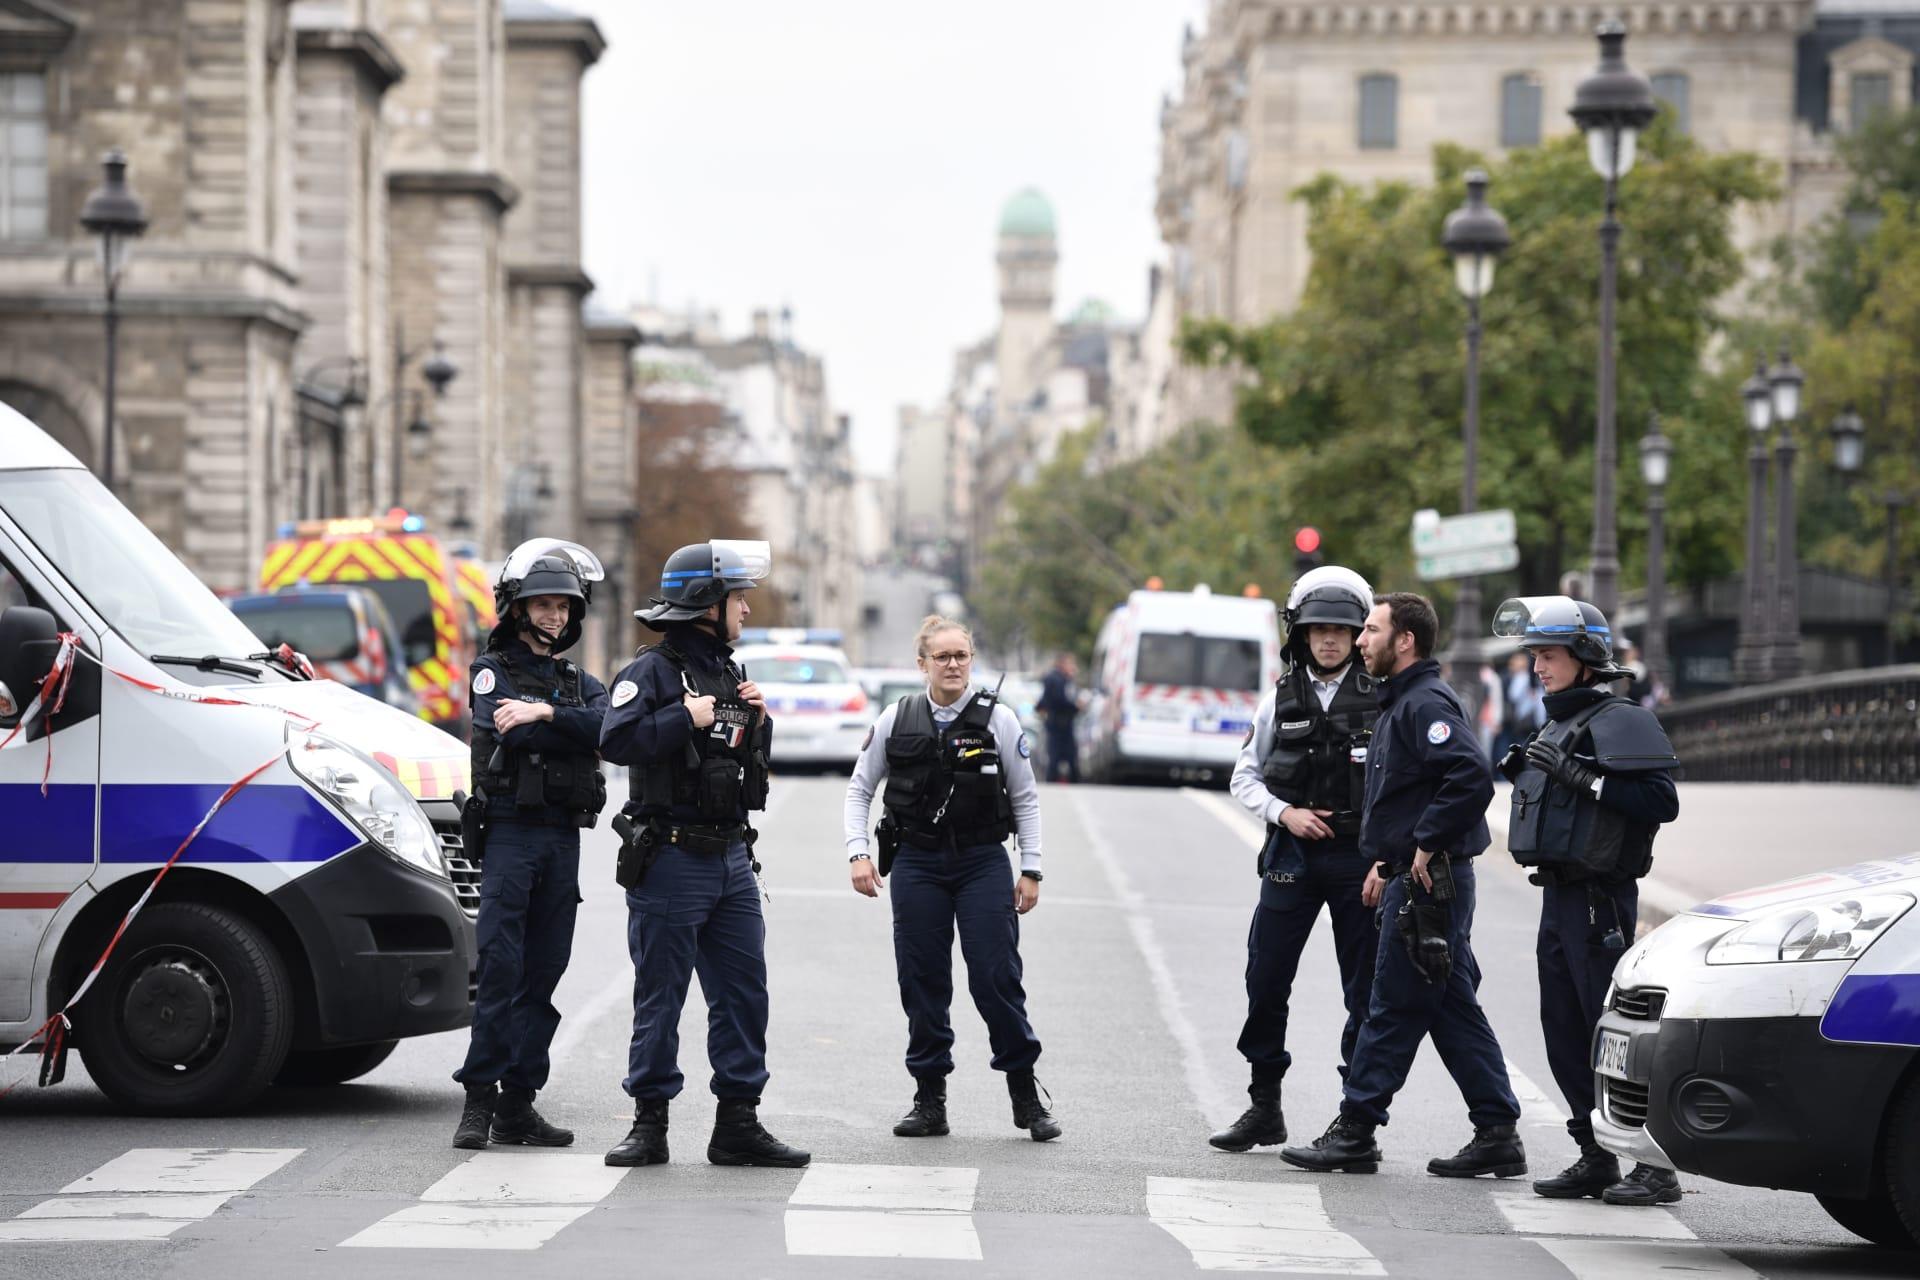 مقتل مهاجم بسكين بعدما أصاب ضابطي شرطة في باريس